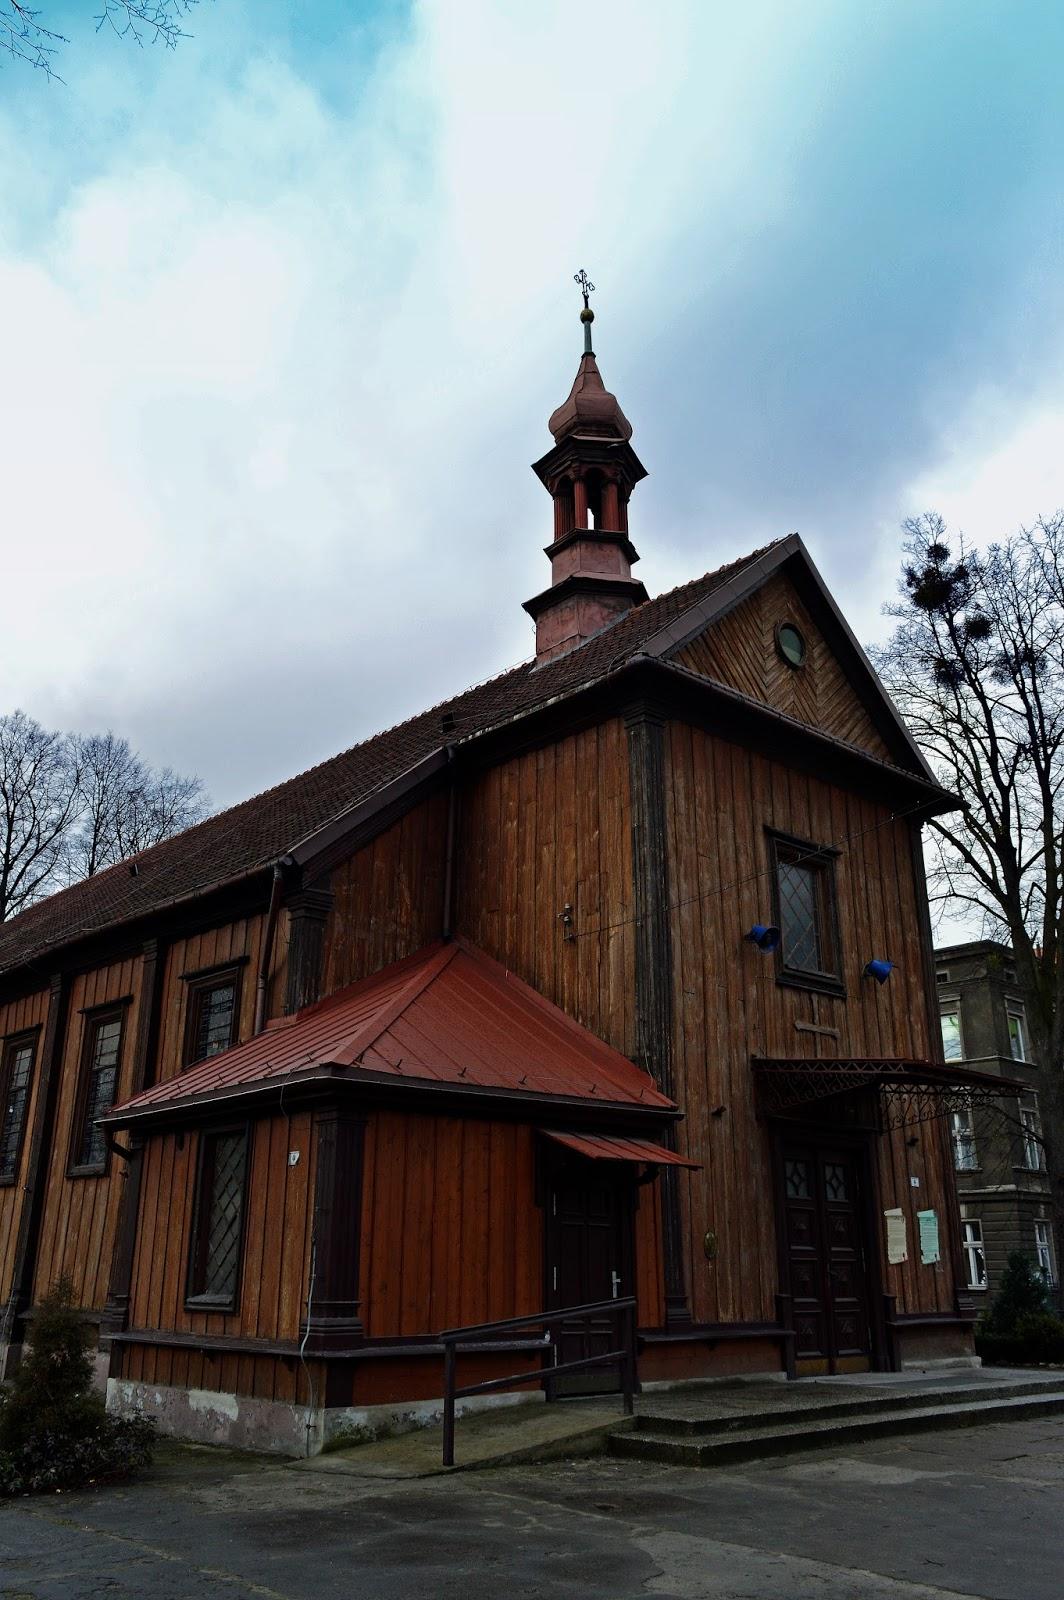 Spacerowa Łódź cz. II - Piotrkowska, Kościół św. Józefa